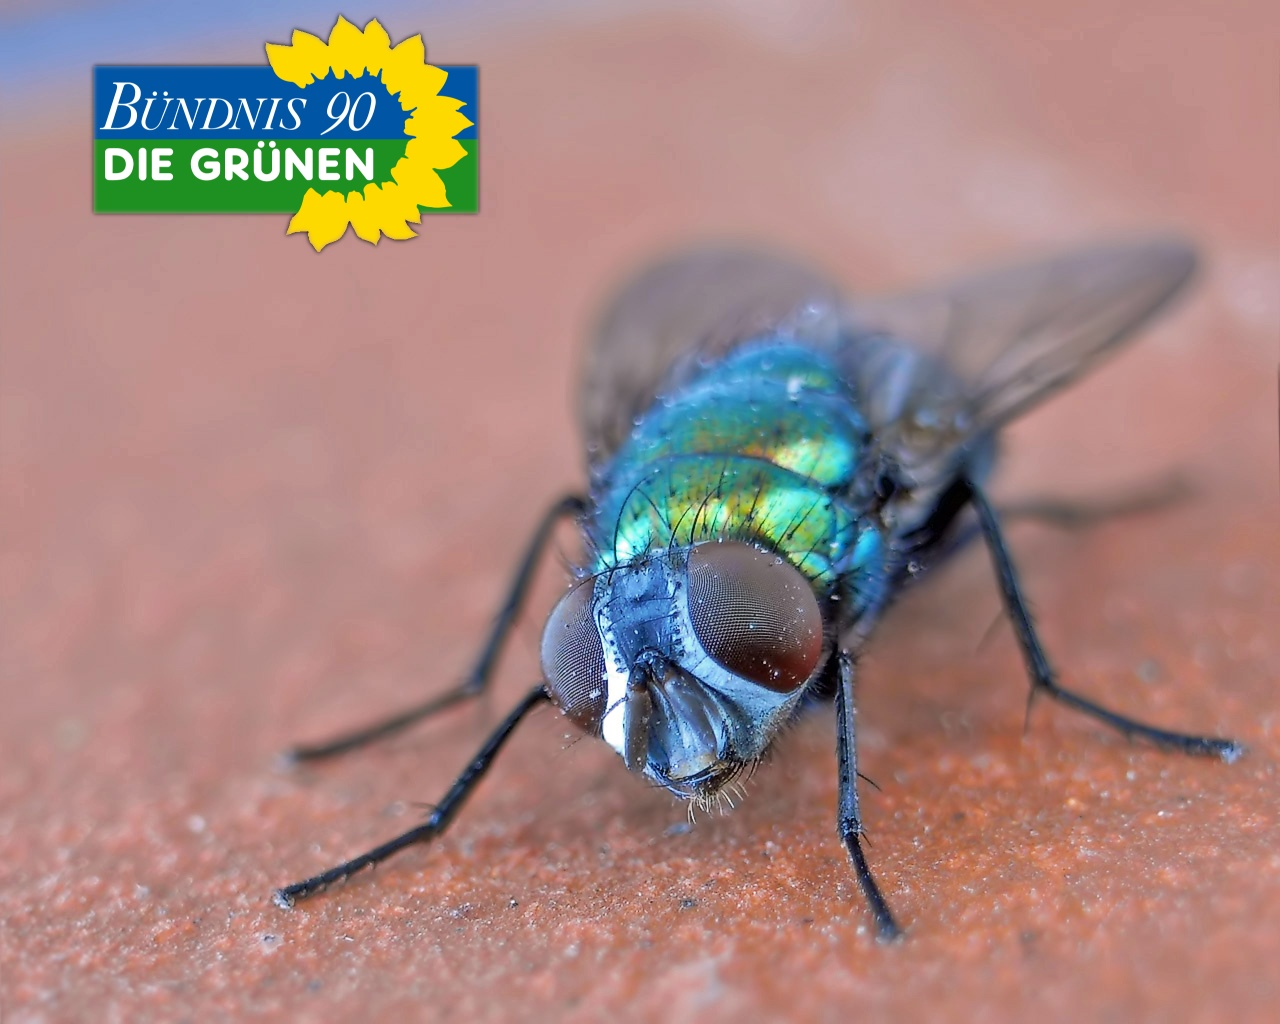 Виды мух с фото и названиями: описание, отличия